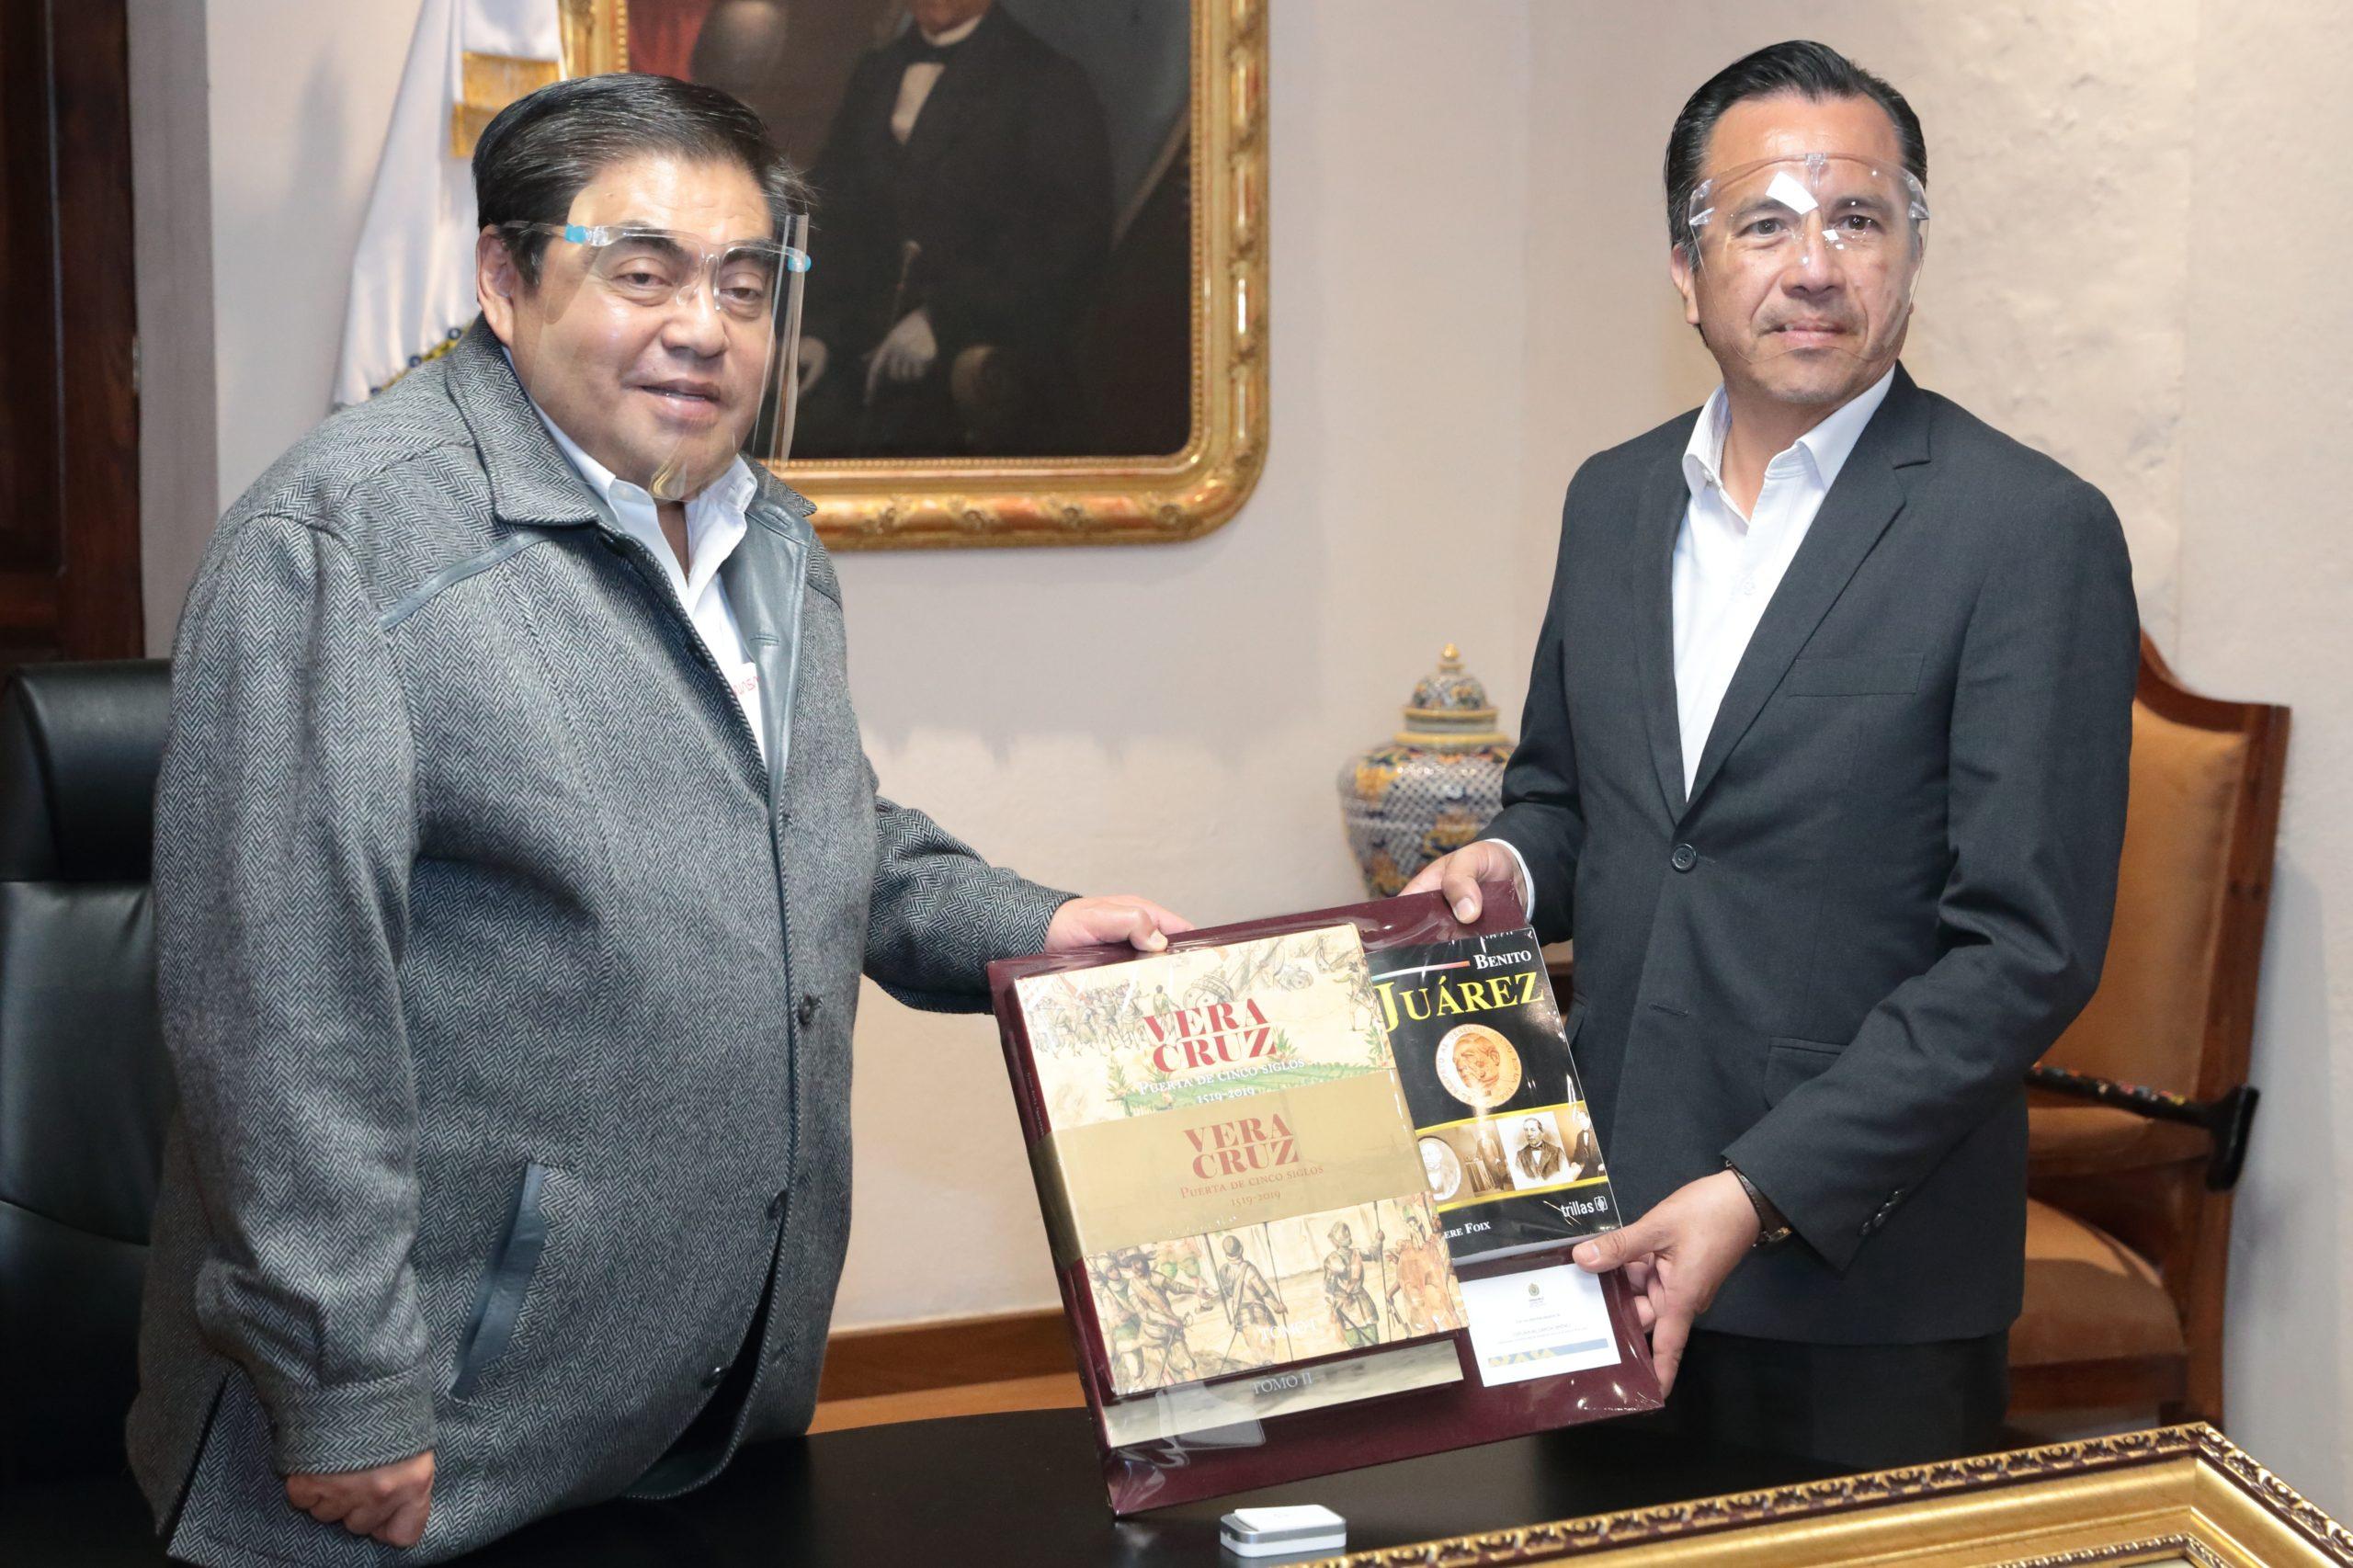 Fotonota: Gobernador Miguel Barbosa Huerta sostuvo un encuentro con su homólogo de Veracruz